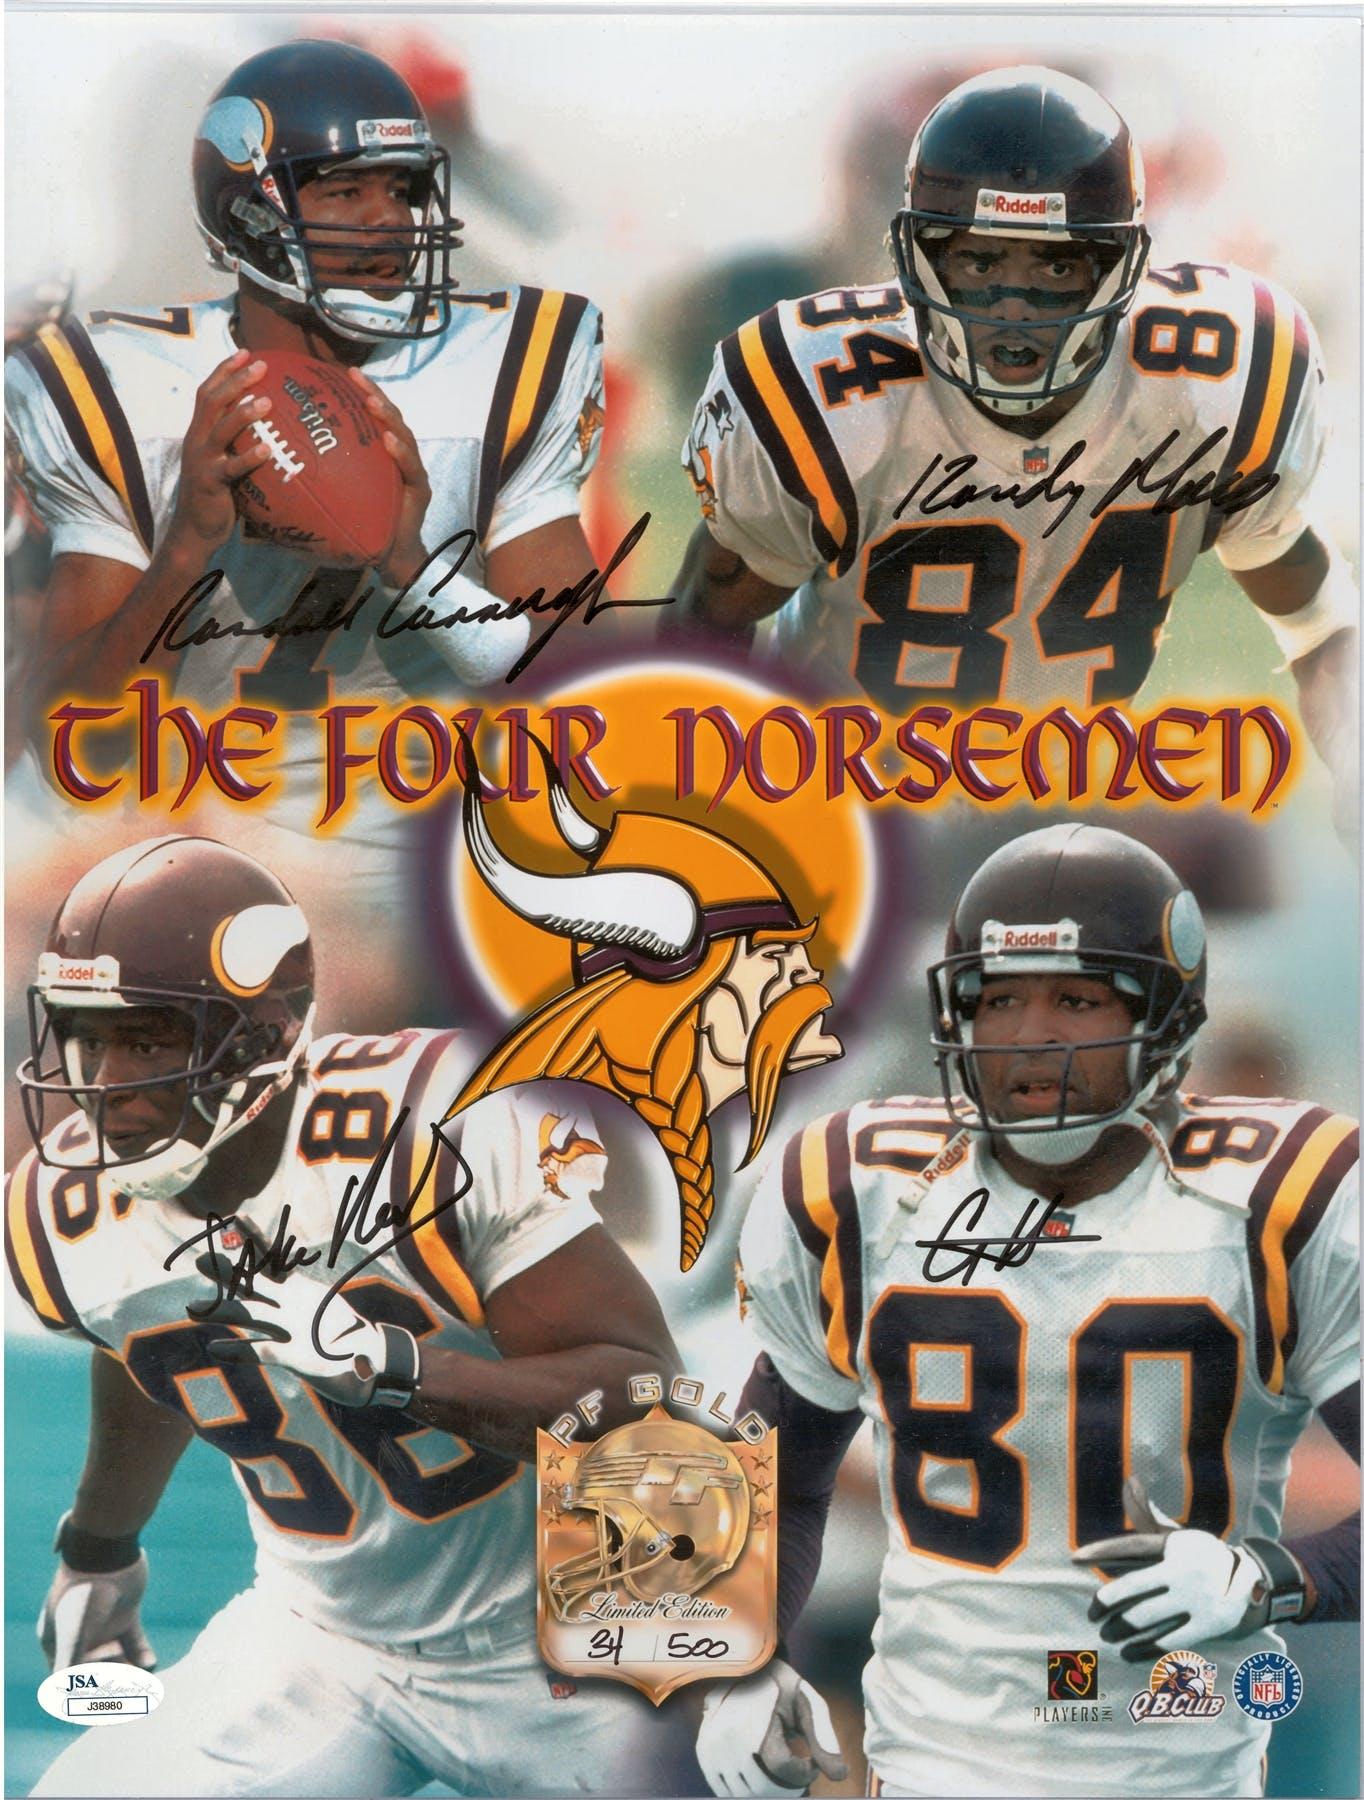 9a9bac5111c Minnesota Vikings Autographed 4 Norsemen 11x14 Cunningham ...